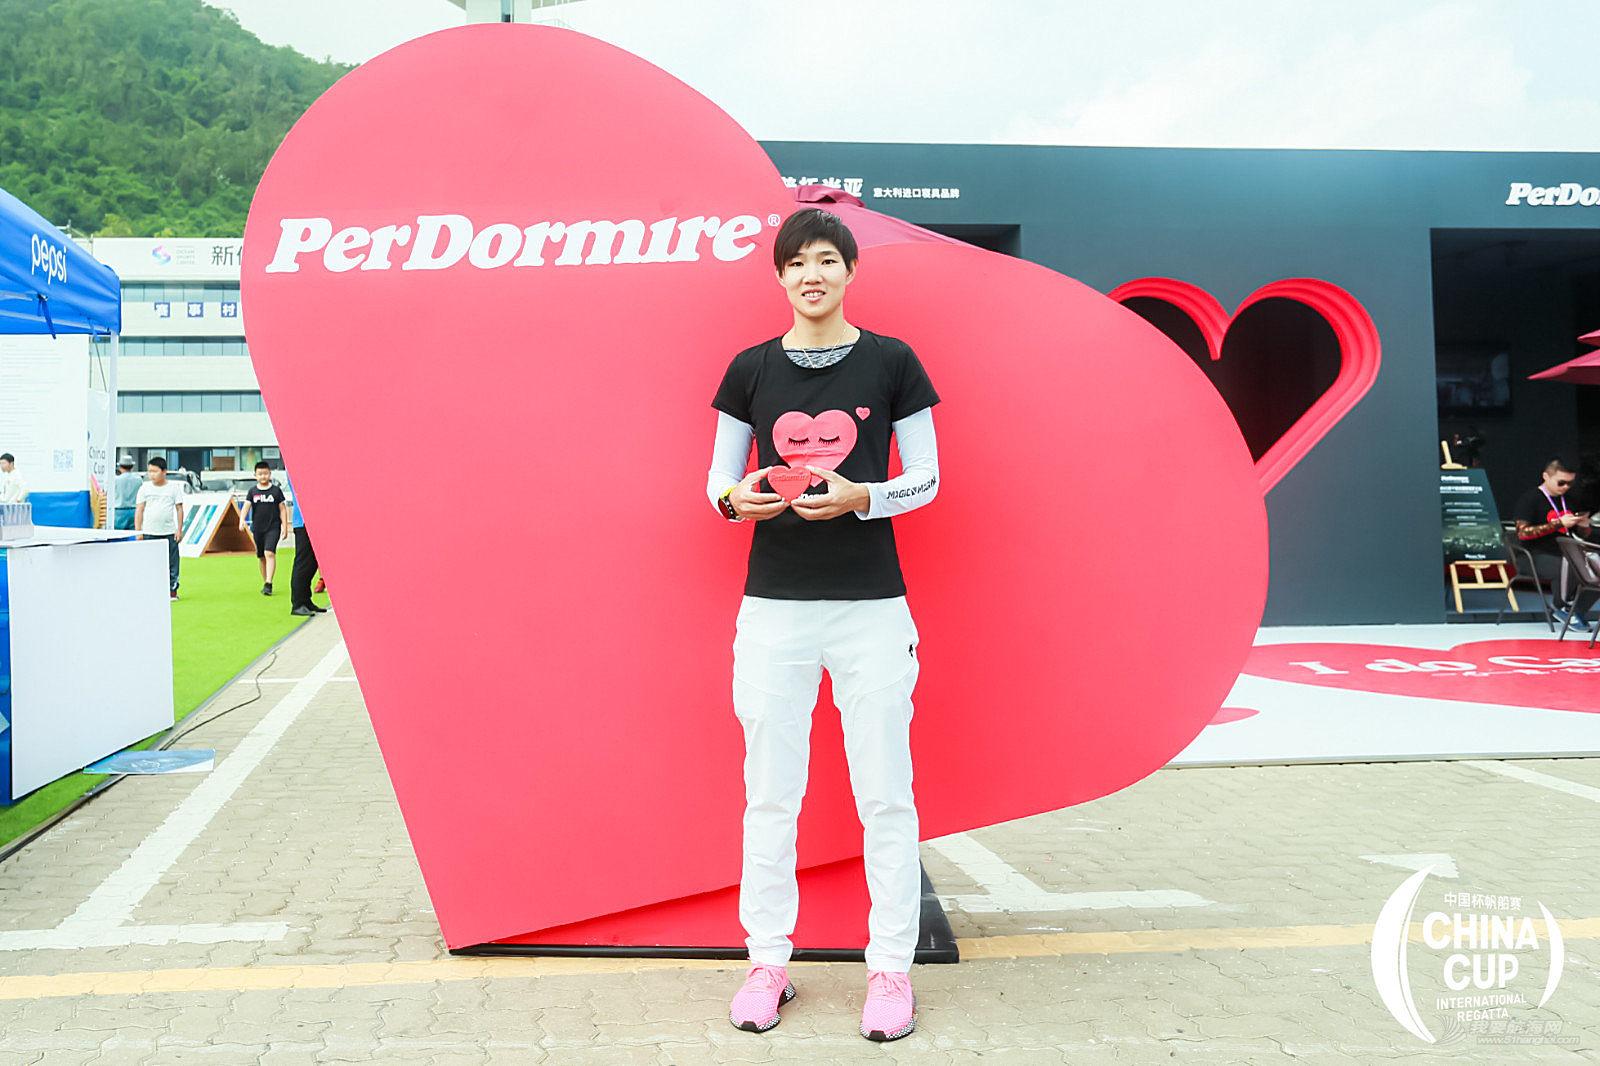 陈佩娜和中国杯的第三次亲密接触,年度最佳女水手剑指东京奥运会